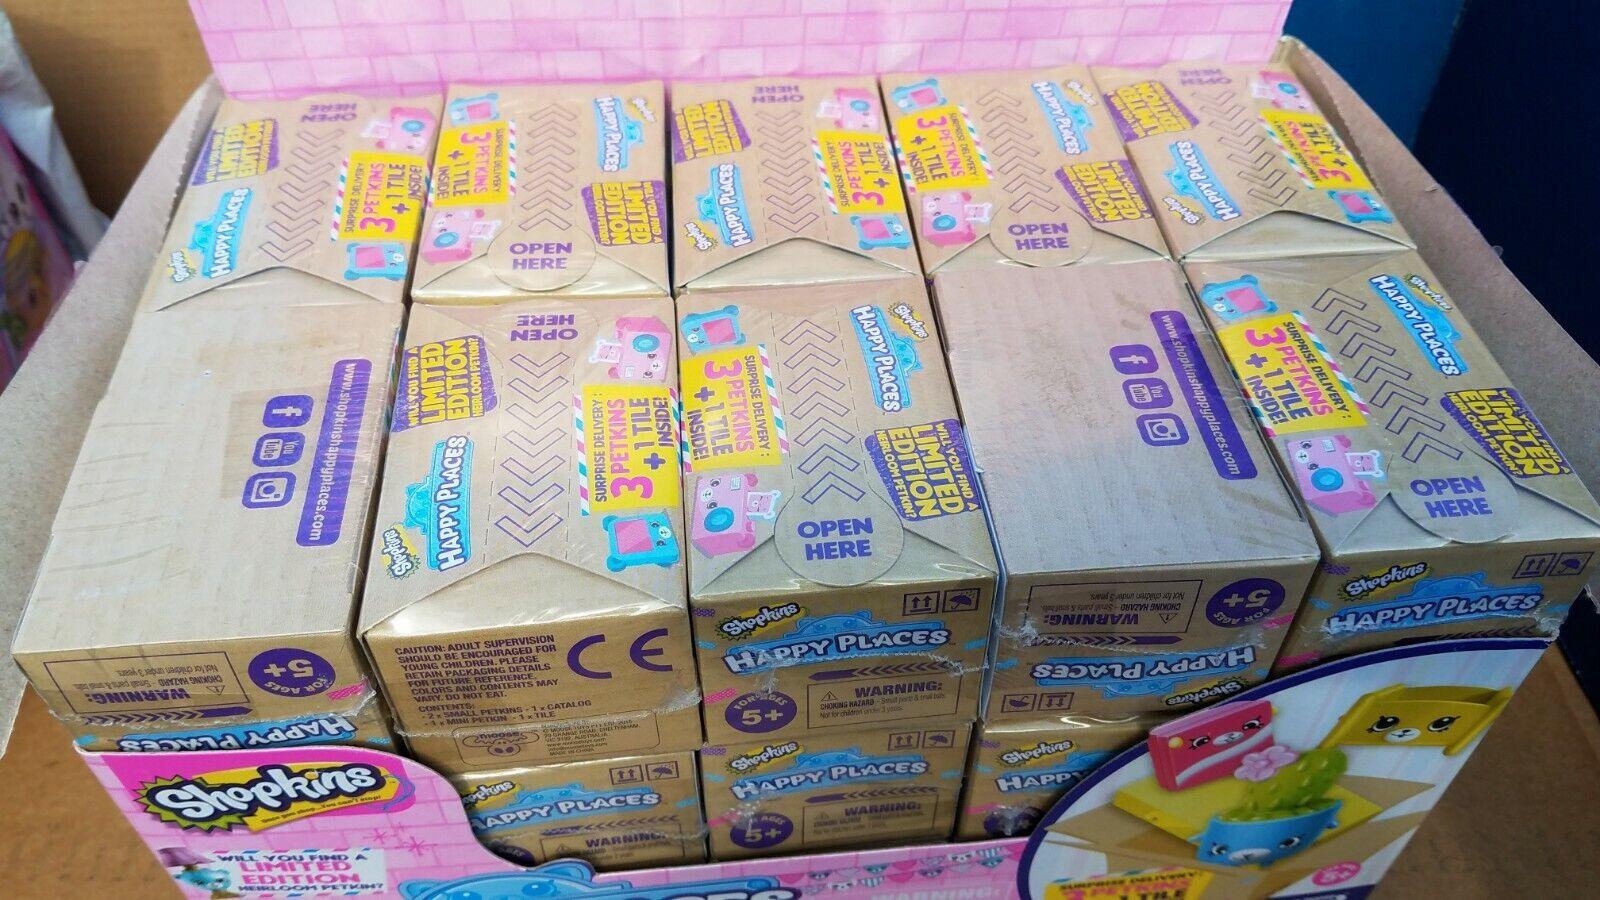 Lote de Caja de 30 Shopkins feliz lugares ciego Serie De Caja Nuevo